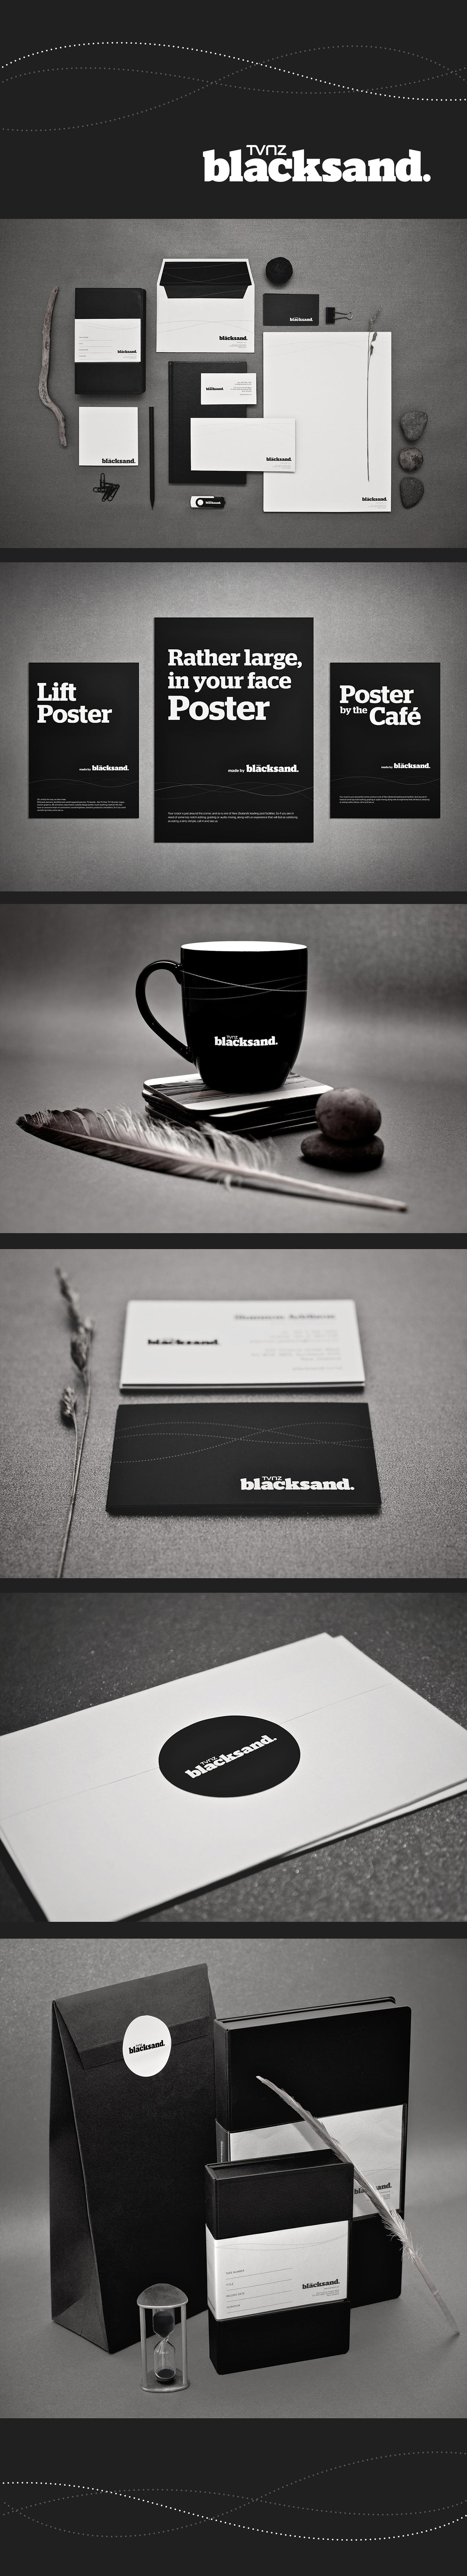 blacksand-brand